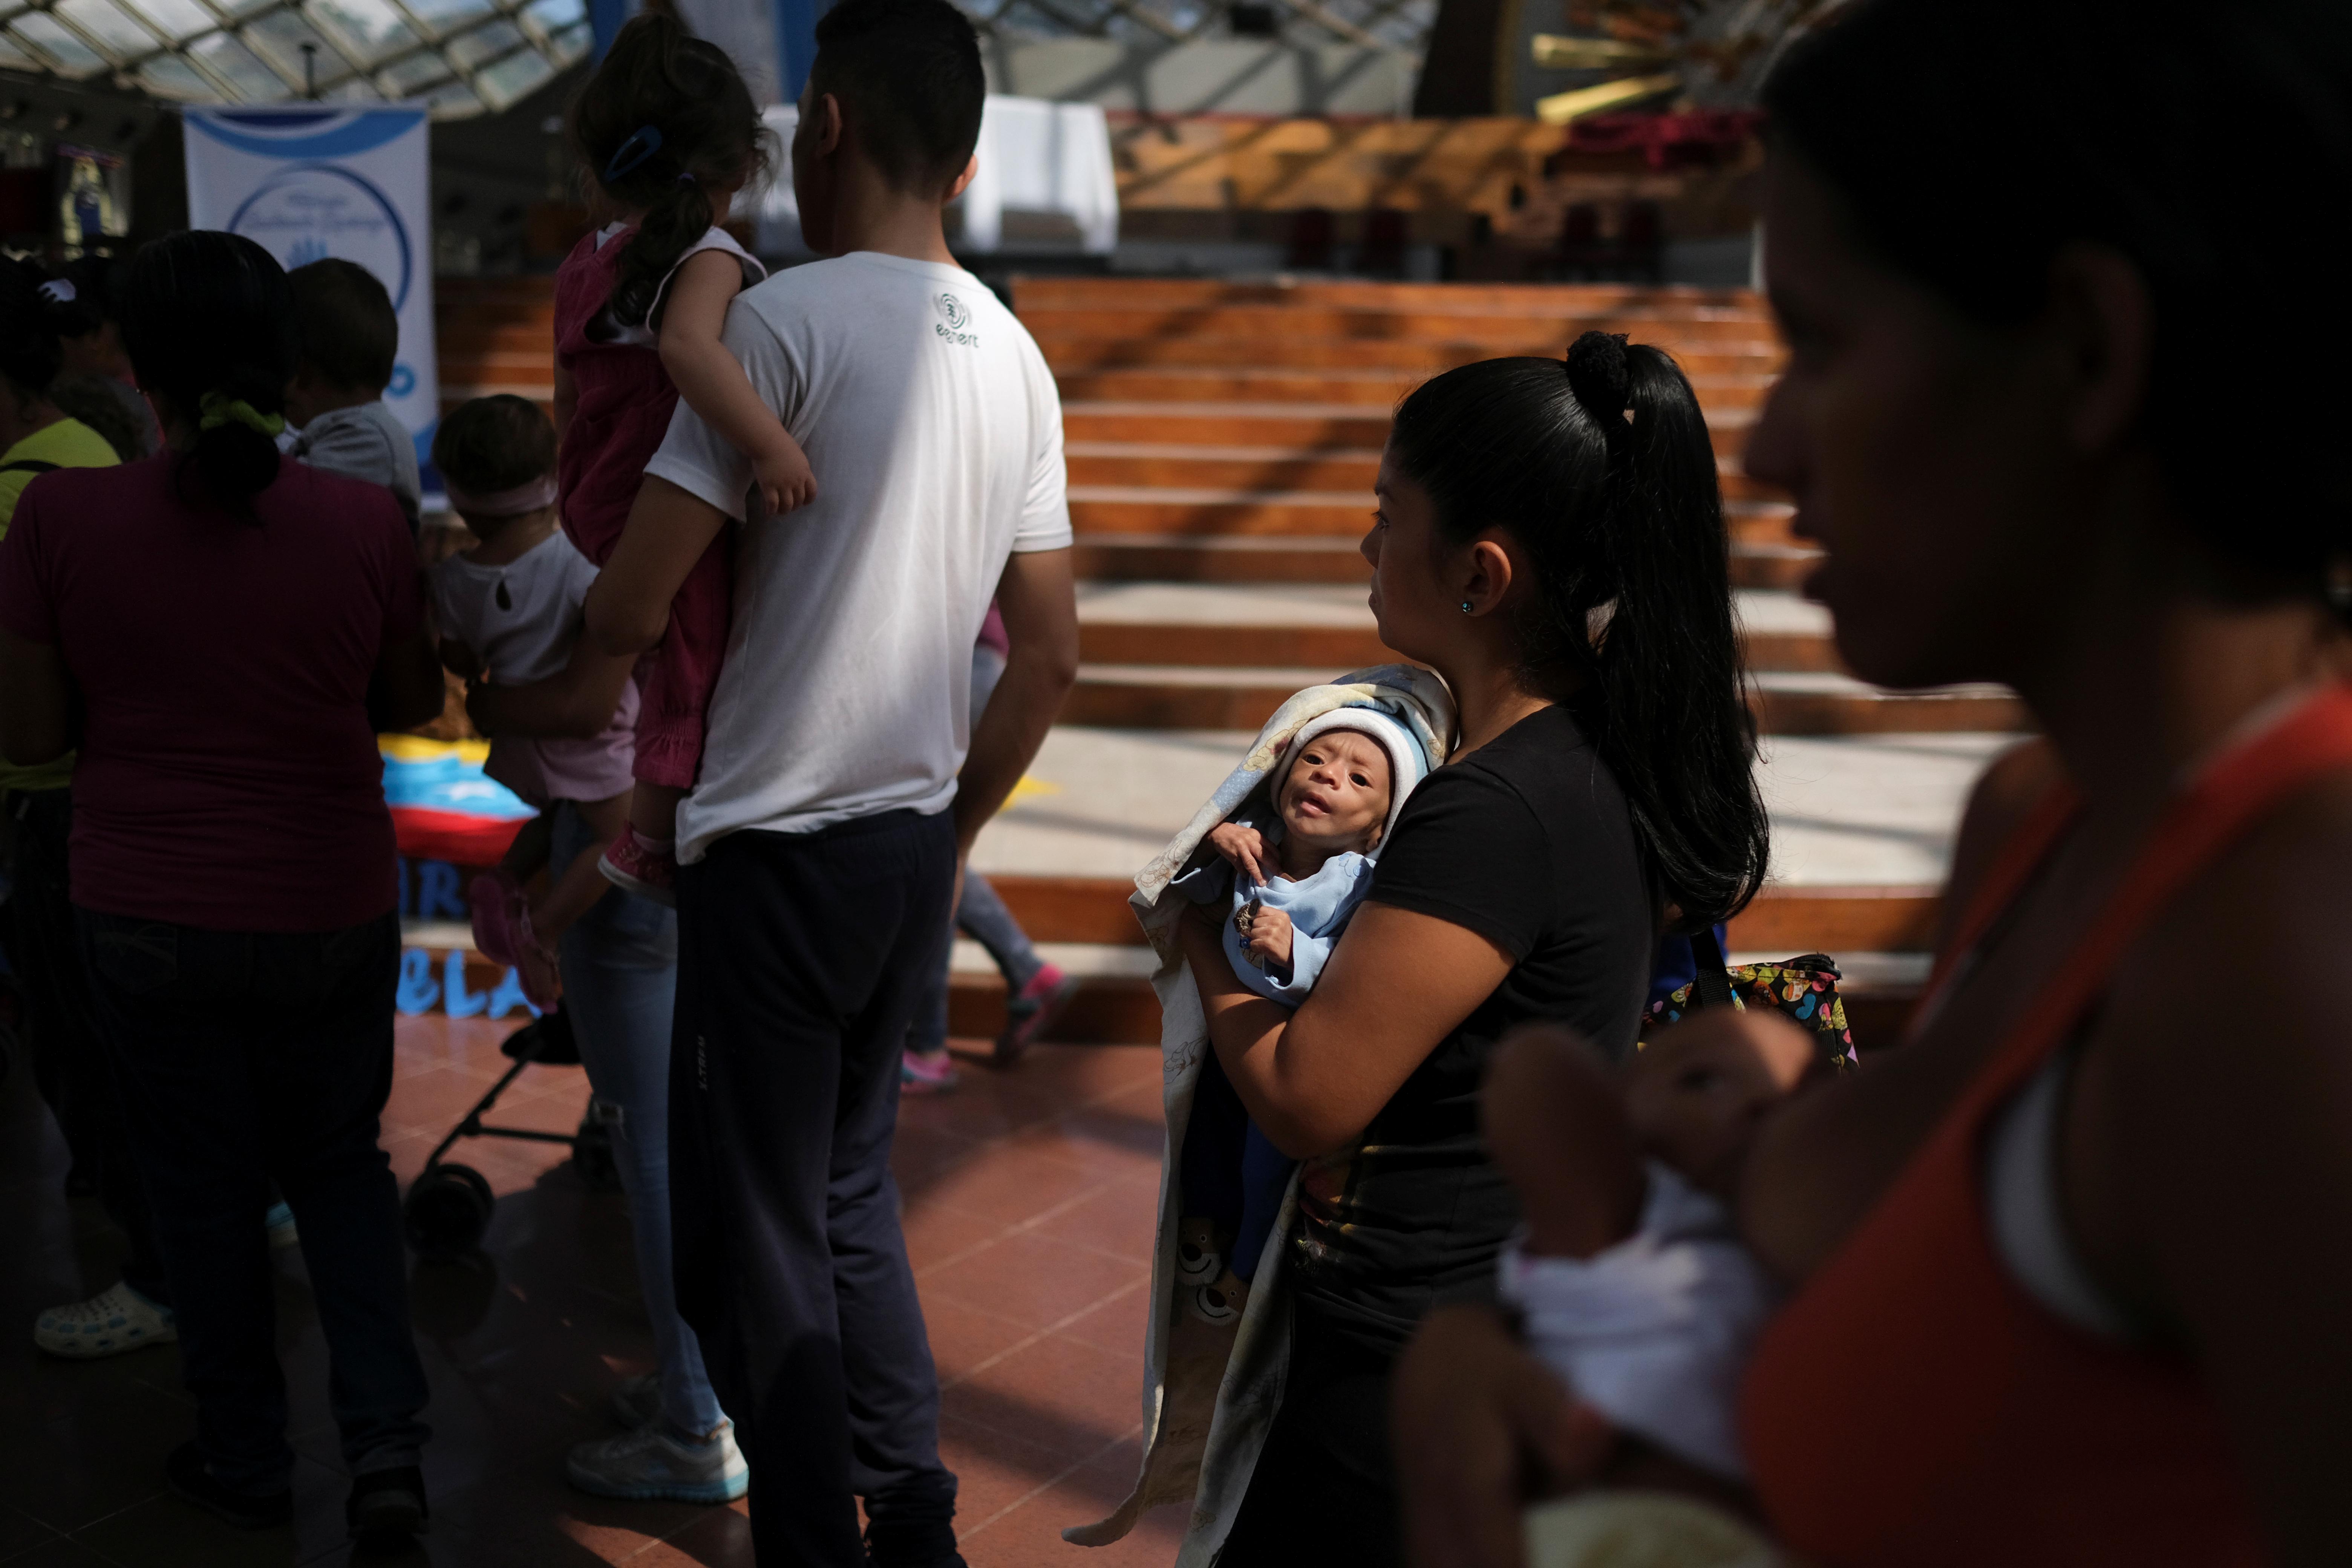 Francys Rivero lleva a su hijo Kenai, que tiene dos meses y ha sido diagnosticado con desnutrición, mientras esperan ser vistos en un evento especial para niños con problemas nutricionales, organizado por la agencia católica de ayuda Caritas, en una iglesia en Barquisimeto (REUTERS/Carlos García Rawlins)